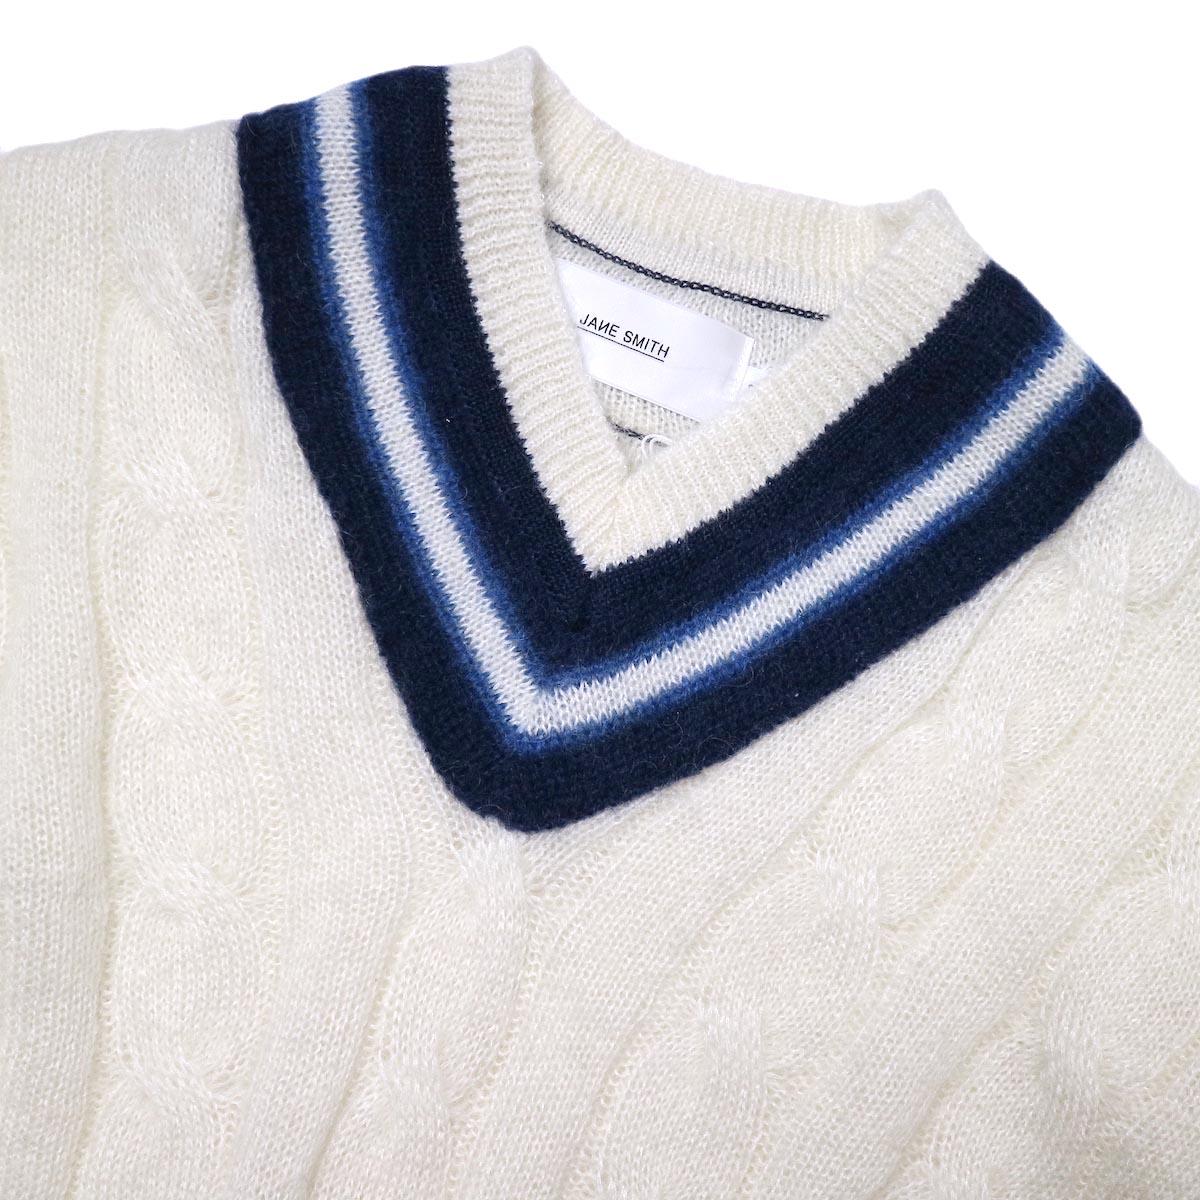 JANE SMITH / 5G BIG CABLE TILDEN V-NECK KINT (off white) ネック